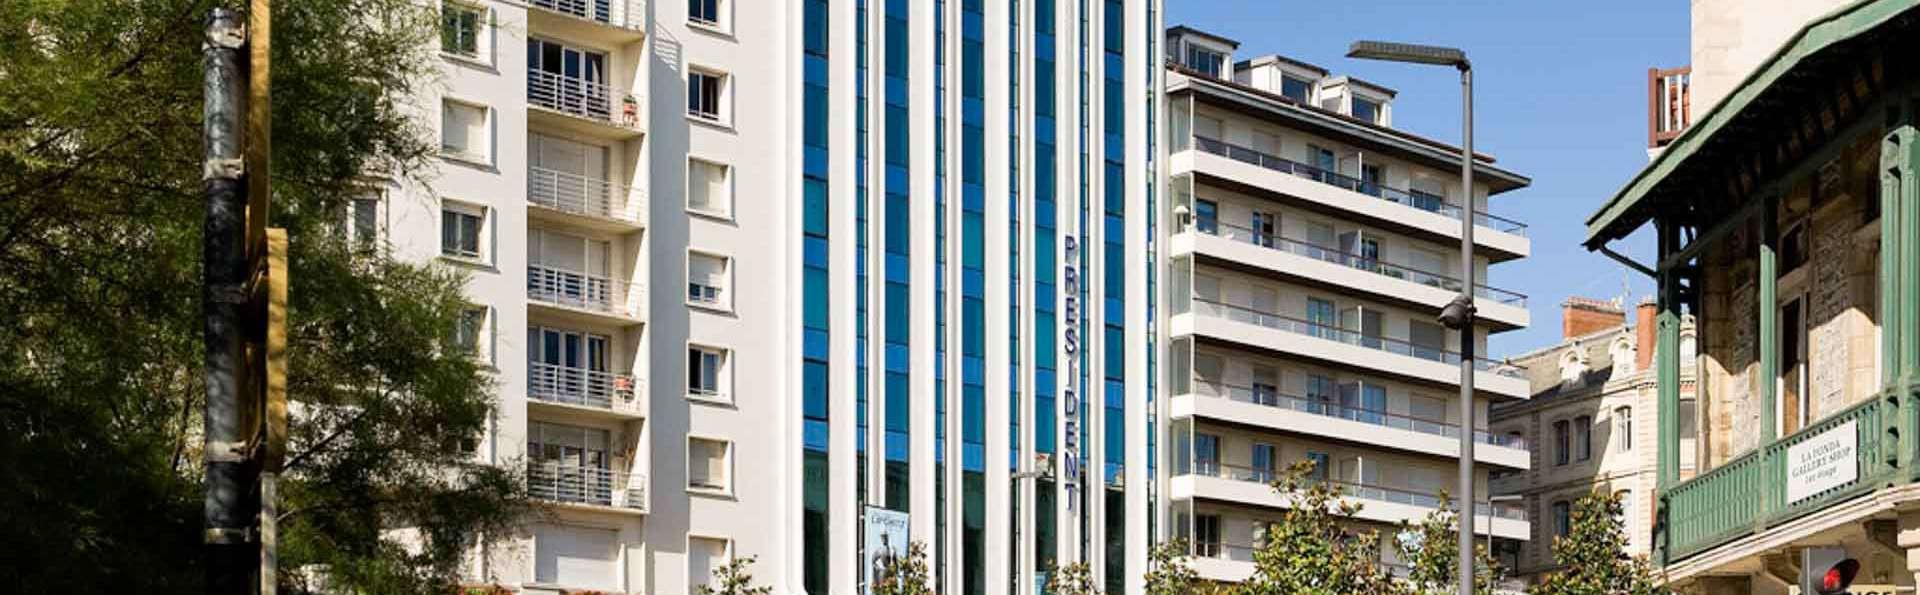 Mercure Biarritz Président Plage - Edit_FRONT.jpg